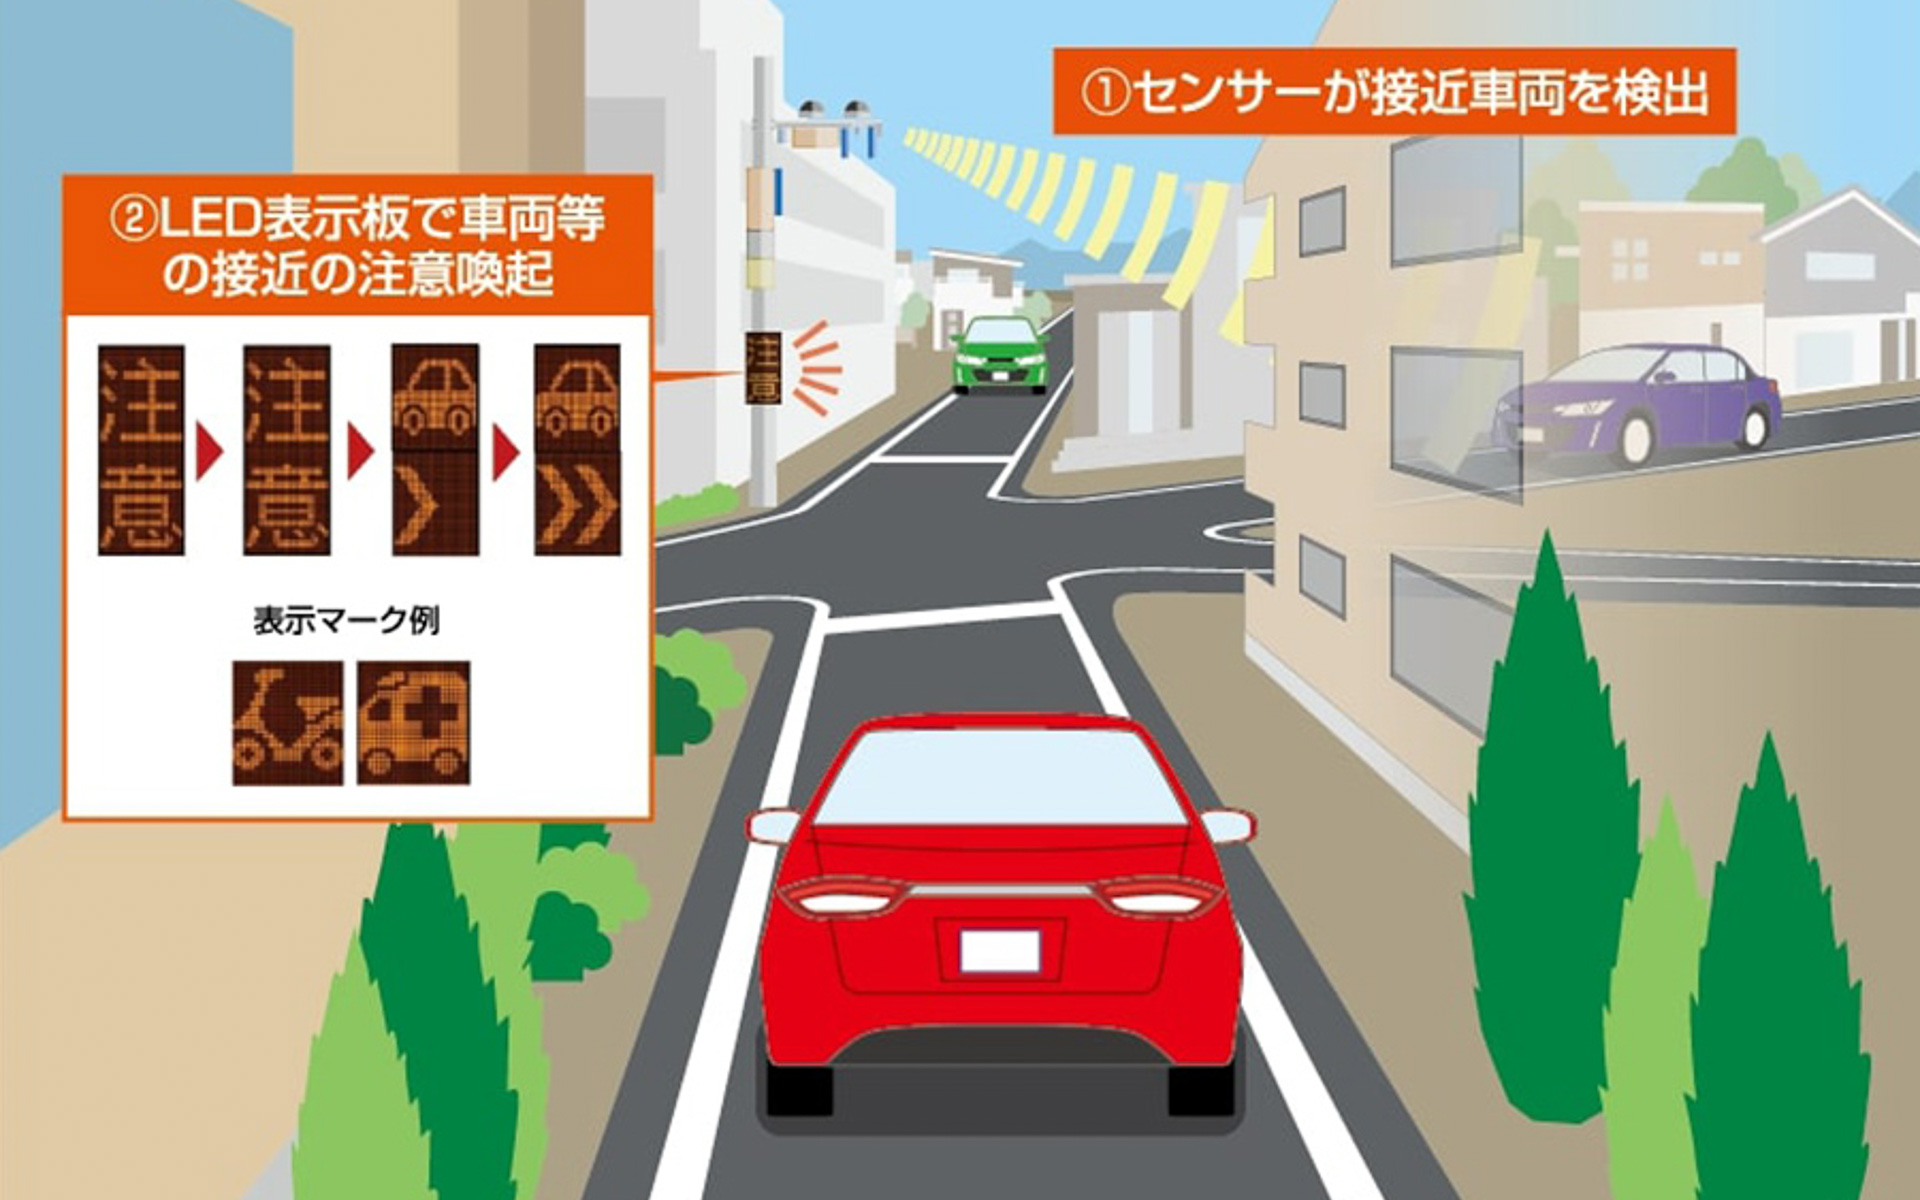 インフラ協調型危険回避システム【ITSスマートポール(SP)】のイメージ